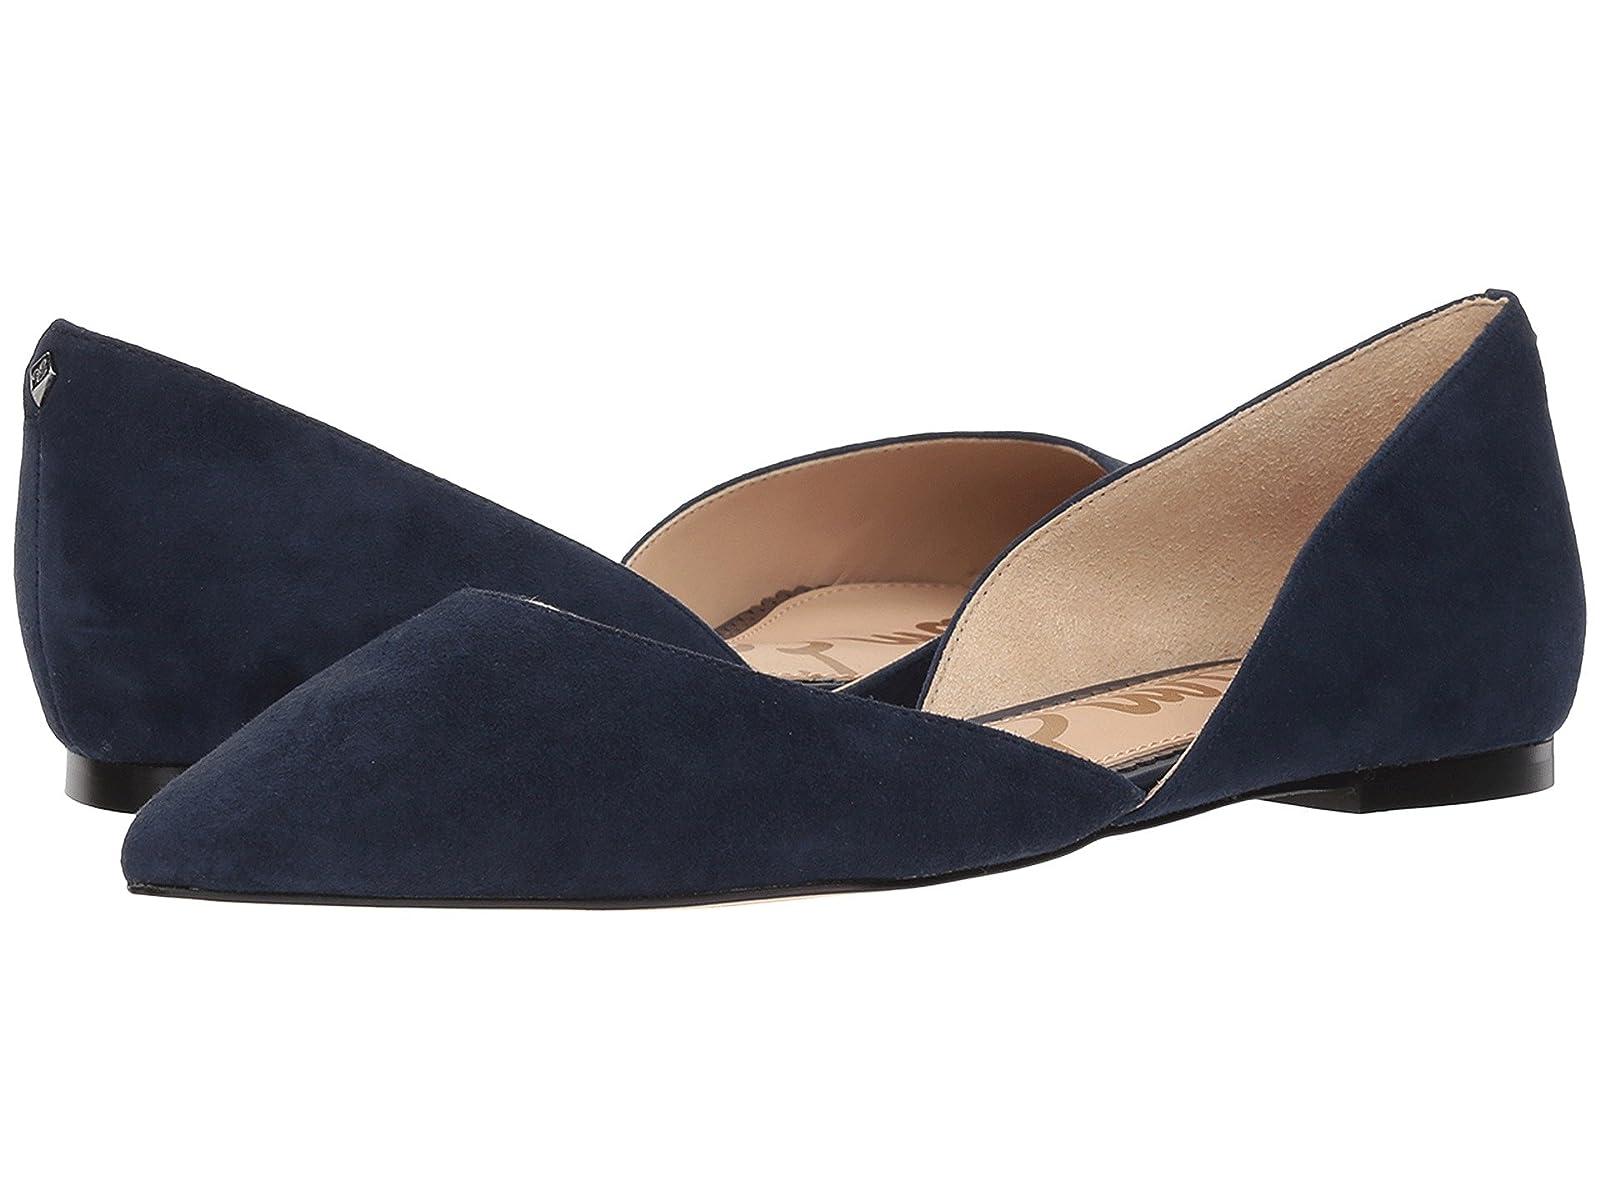 Sam Edelman RodneyAtmospheric grades have affordable shoes